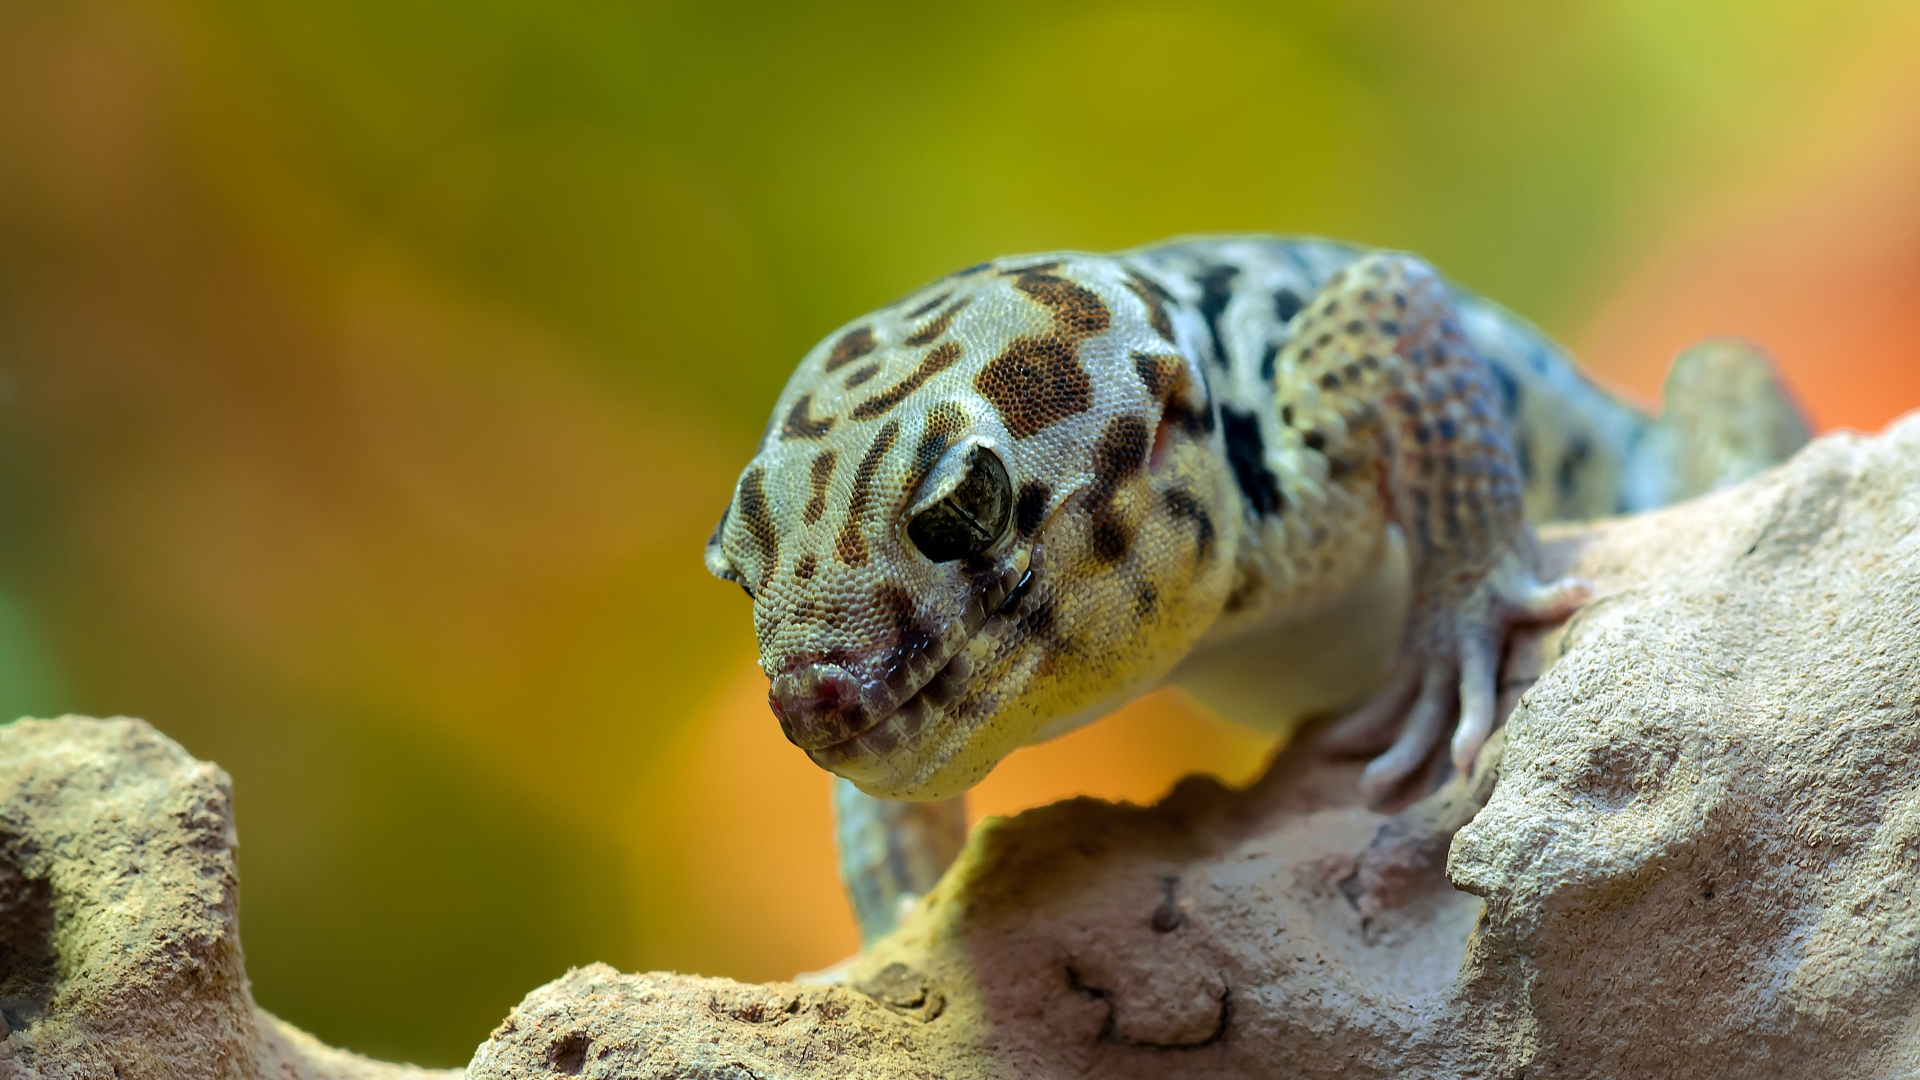 hd hintergrundbilder gecko eidechse steine reptil schuppe 1920x1080